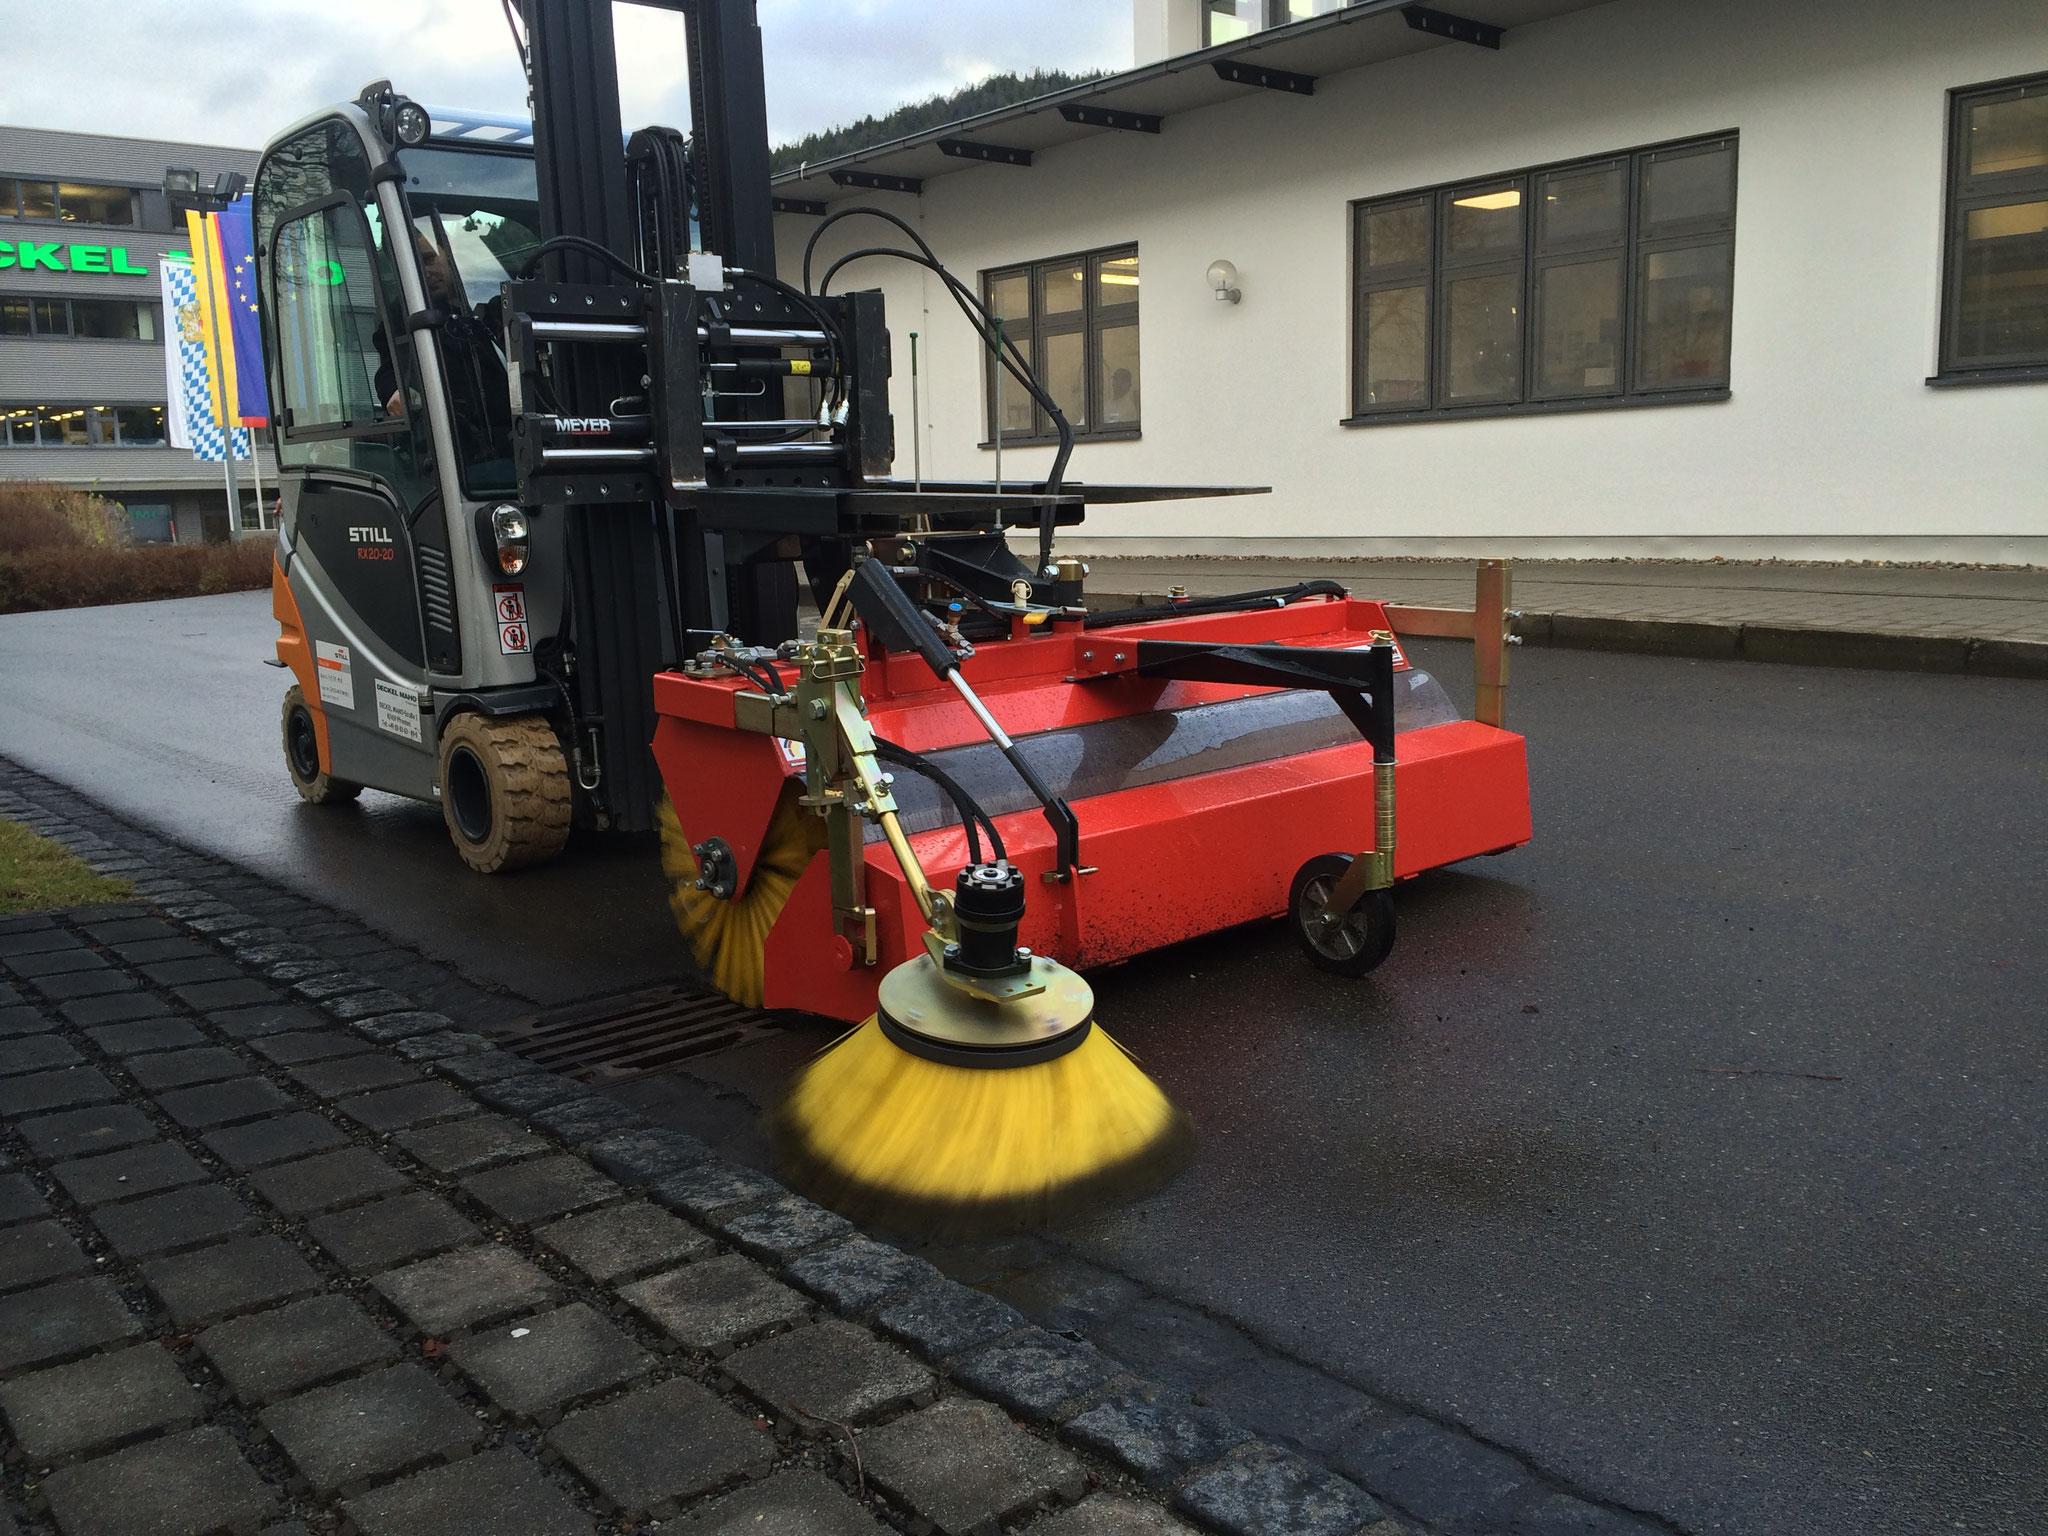 KM 570 Komfort am Gabelstapler Still mit Seitenbesen für randnahes Kehren